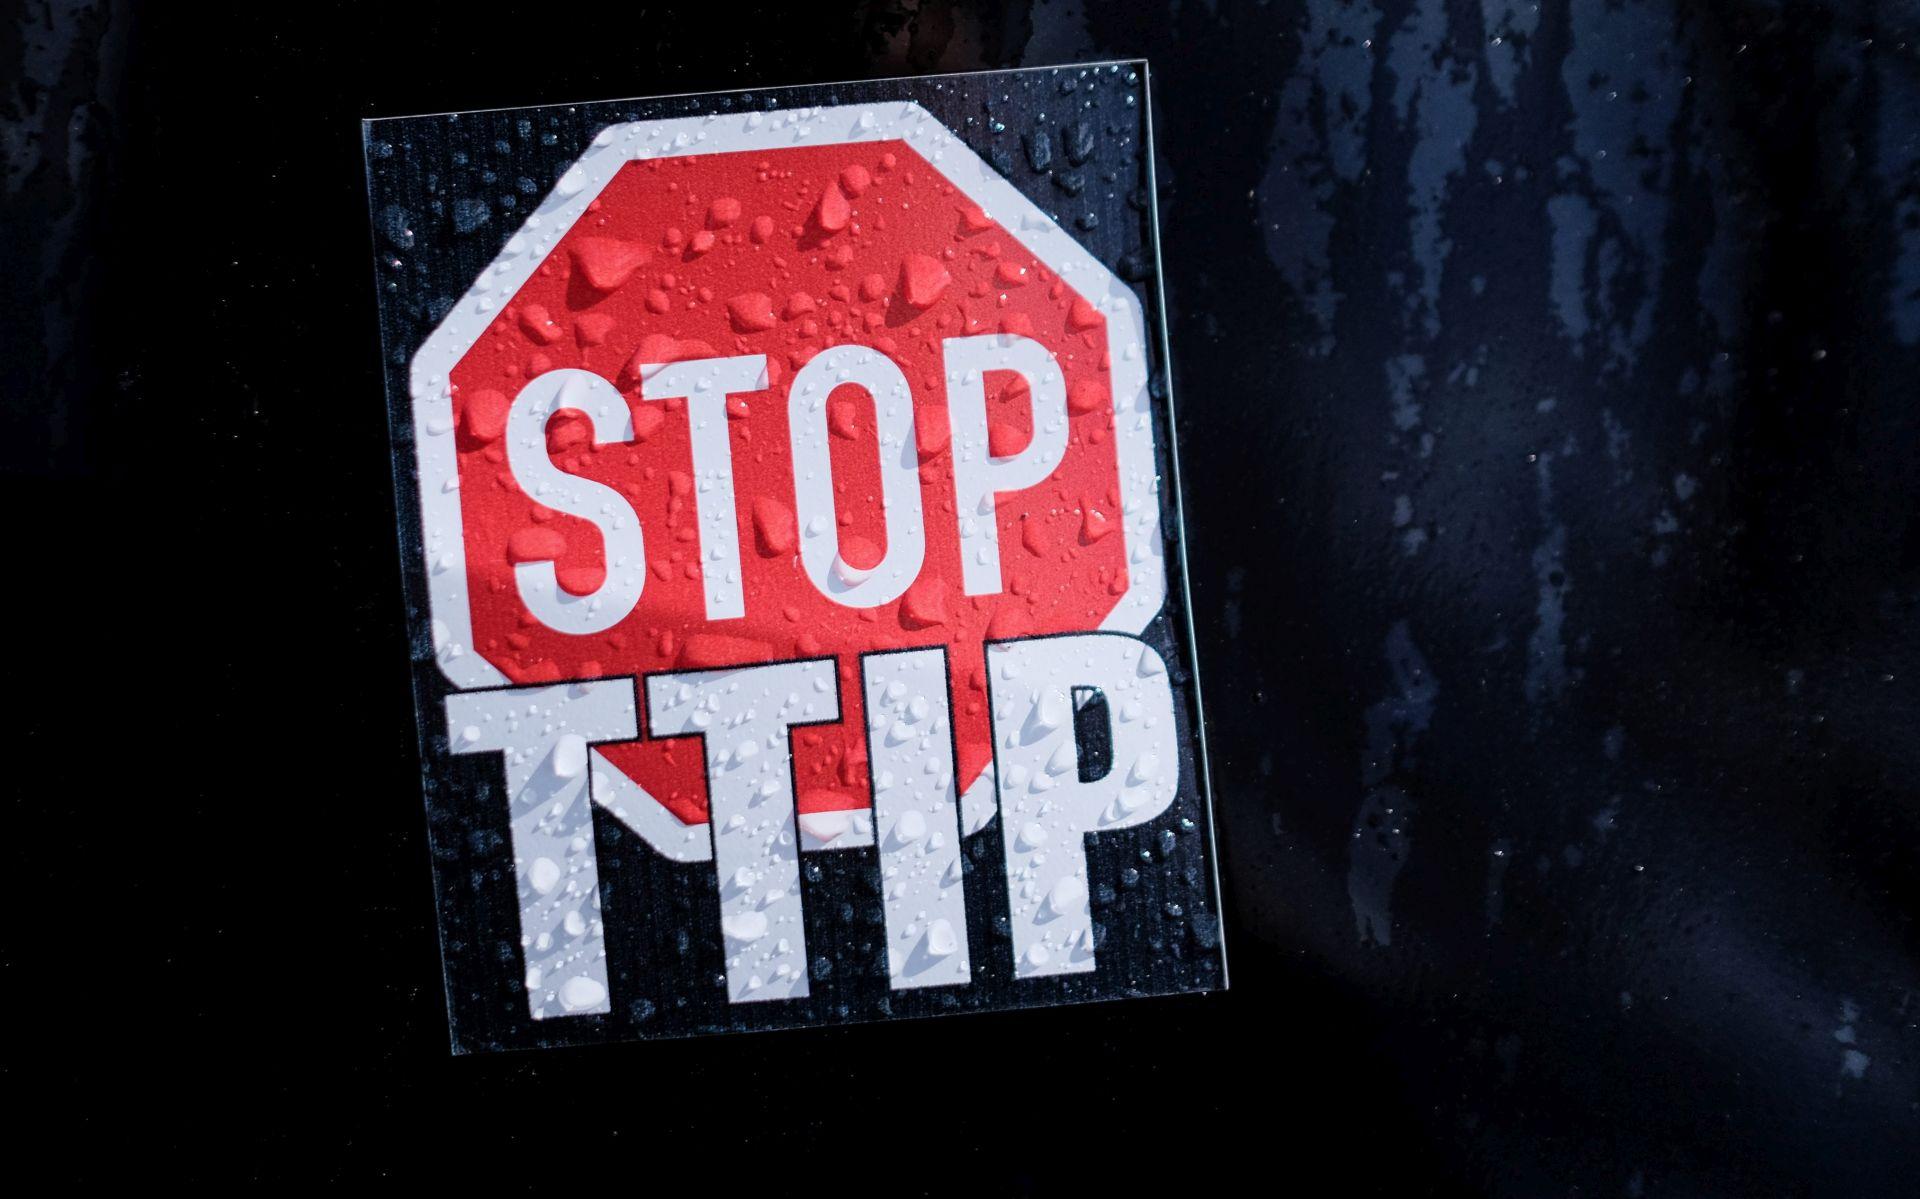 ISTRAŽIVANJE: Nijemci protiv TTIP-a, Angela Merkel za